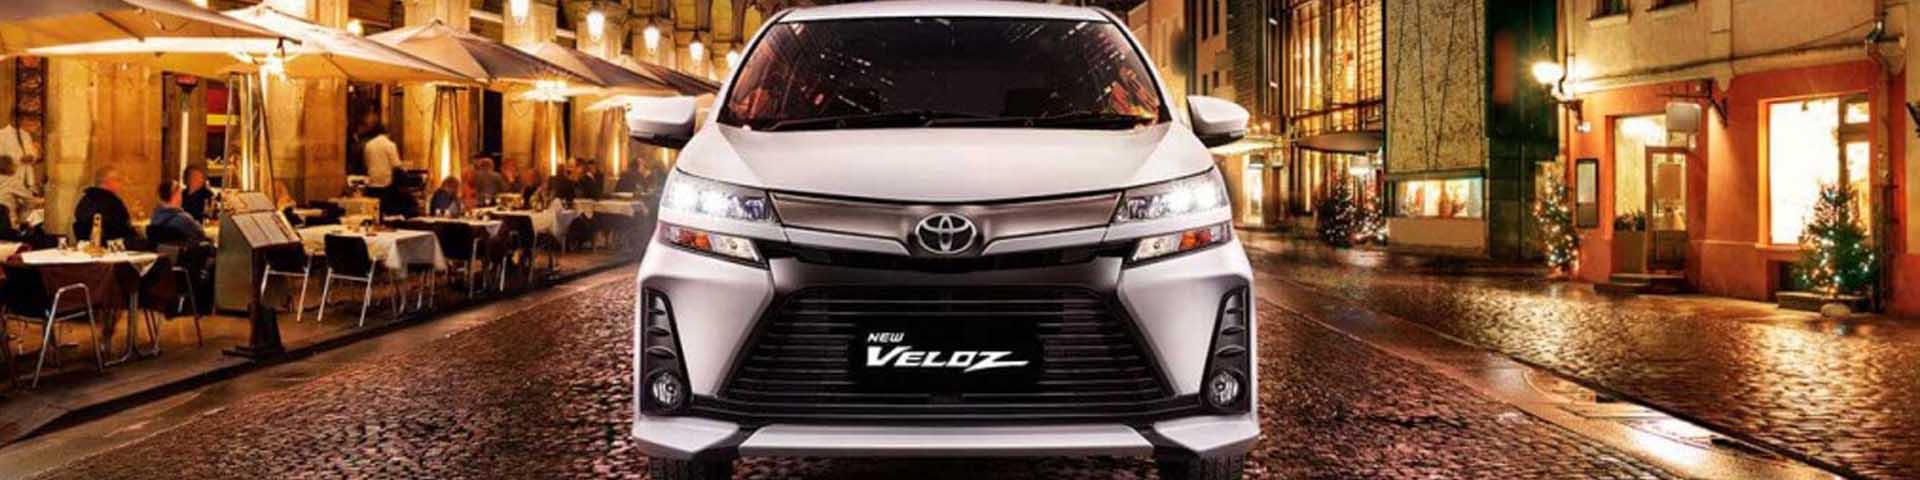 New Veloz